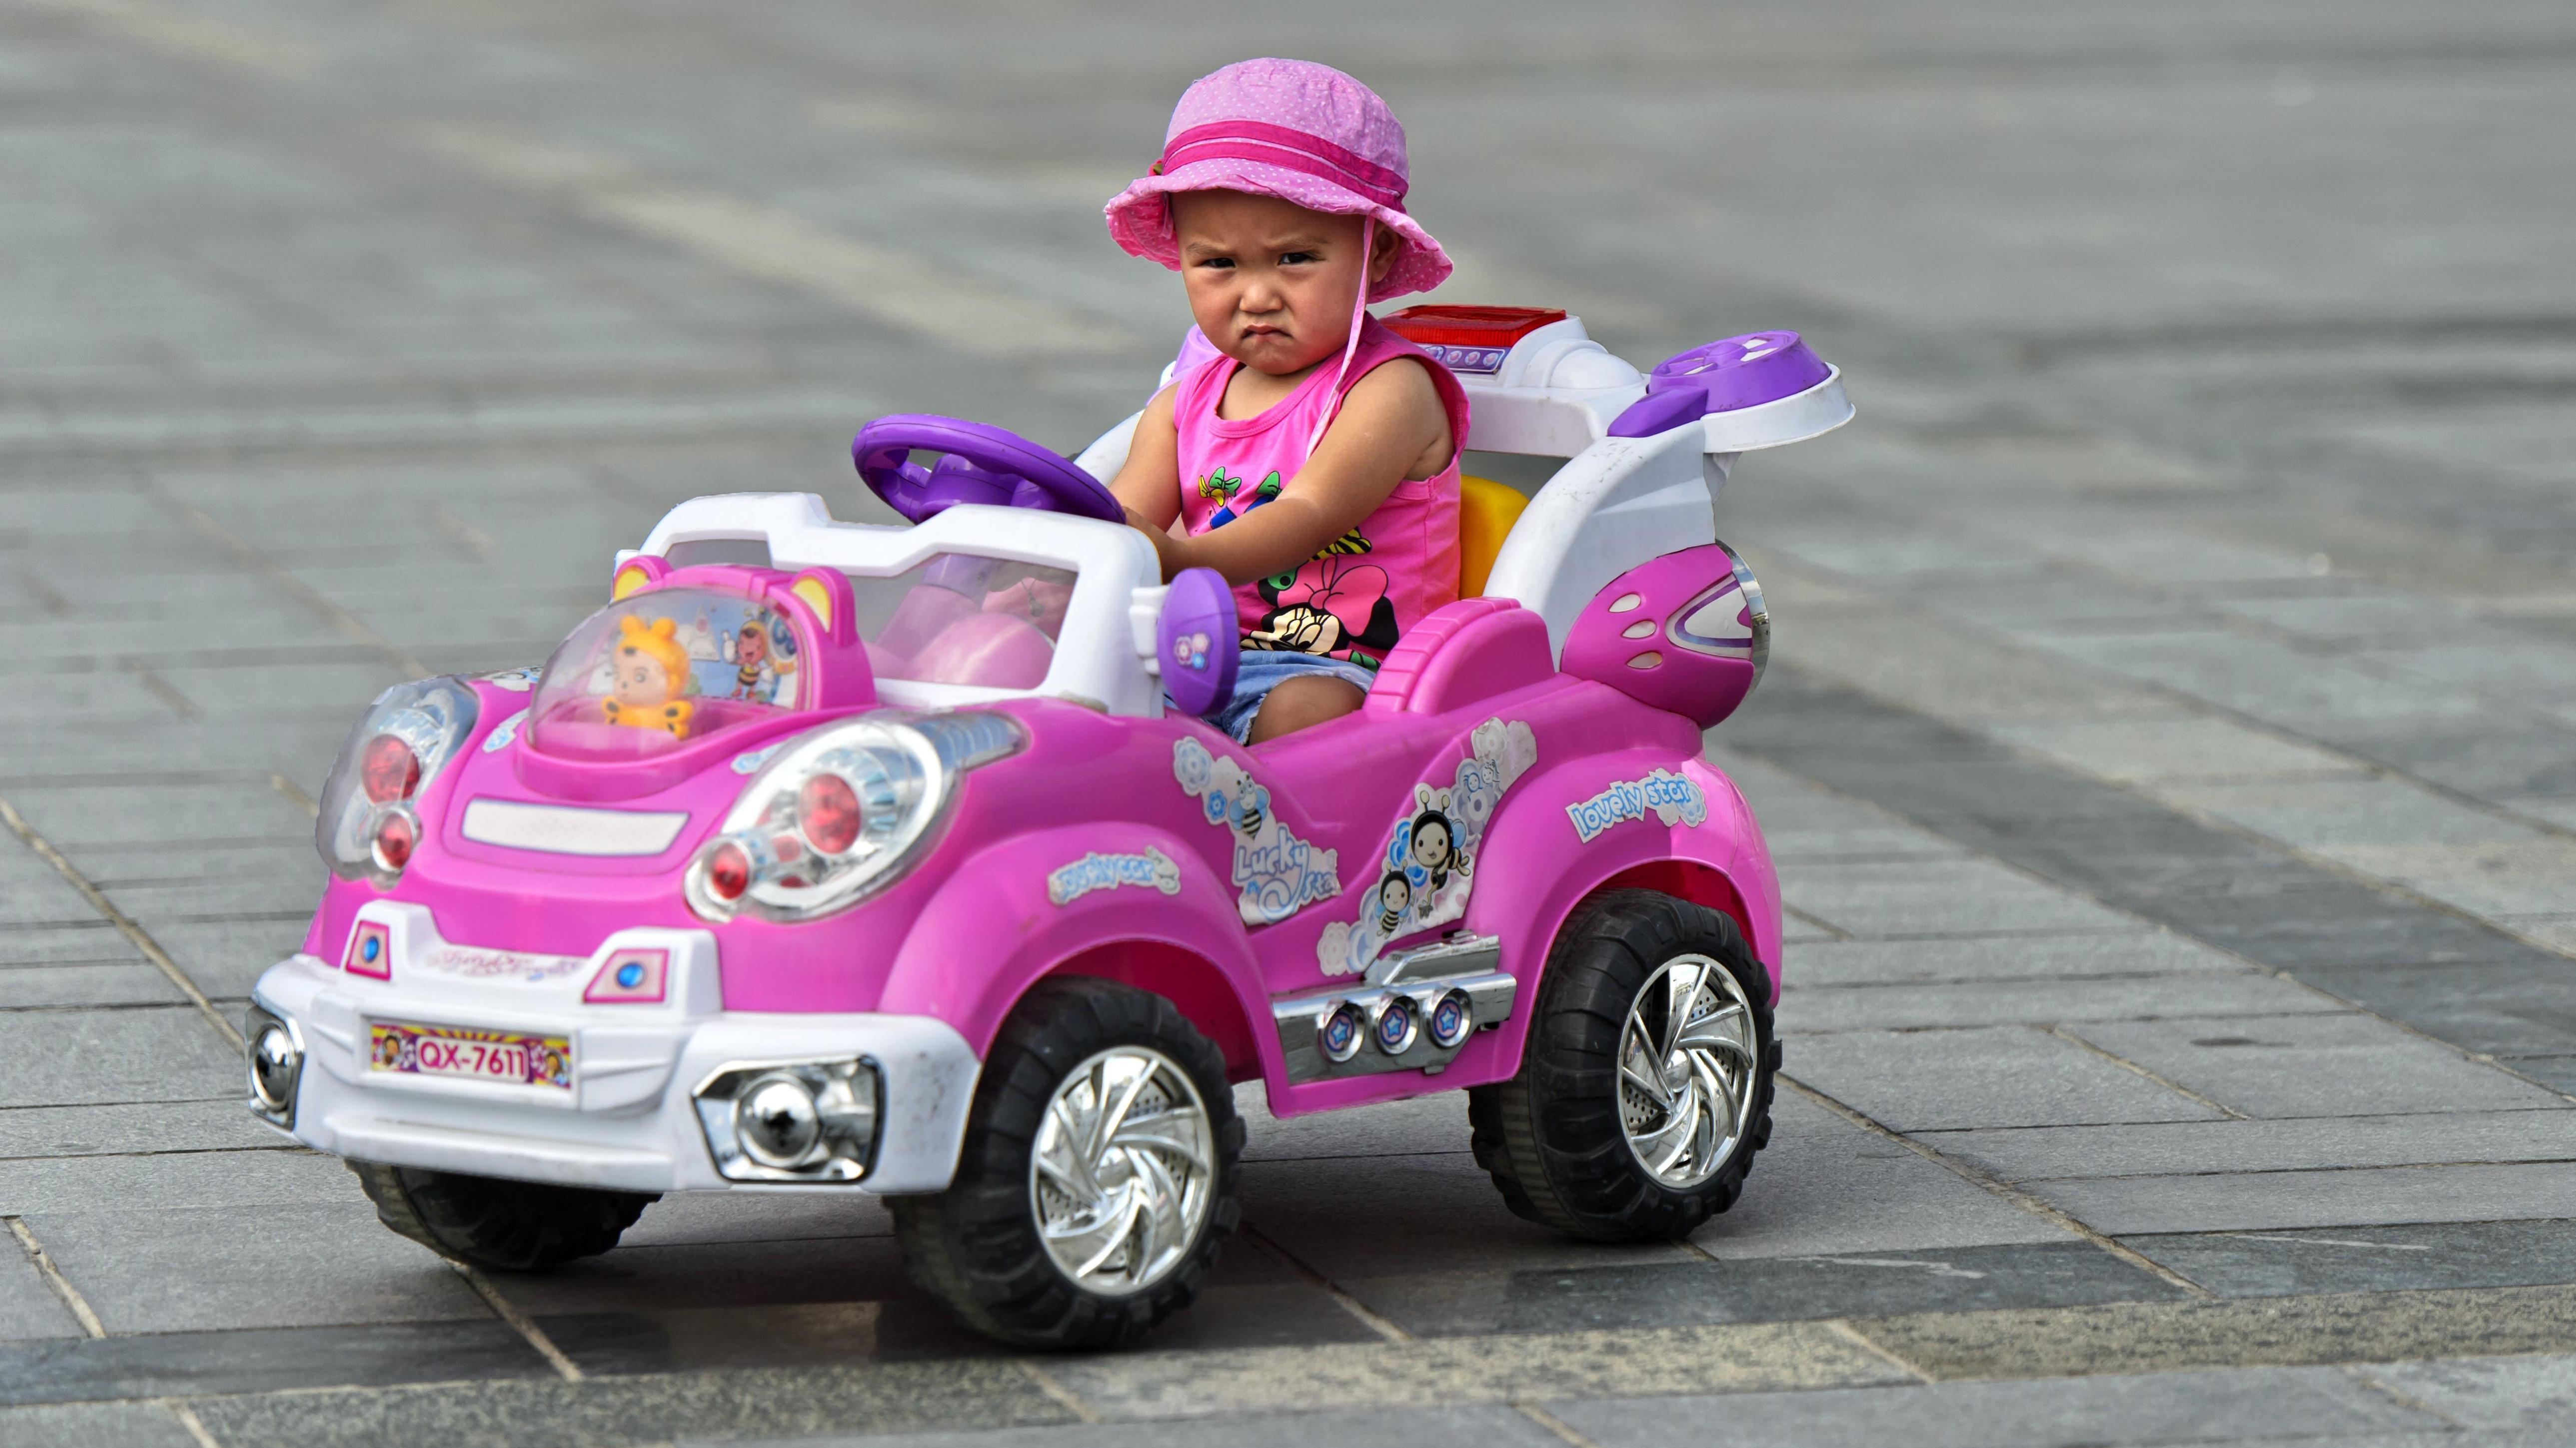 Mädchen in einem pinken Auto mit pinken Klamotten.